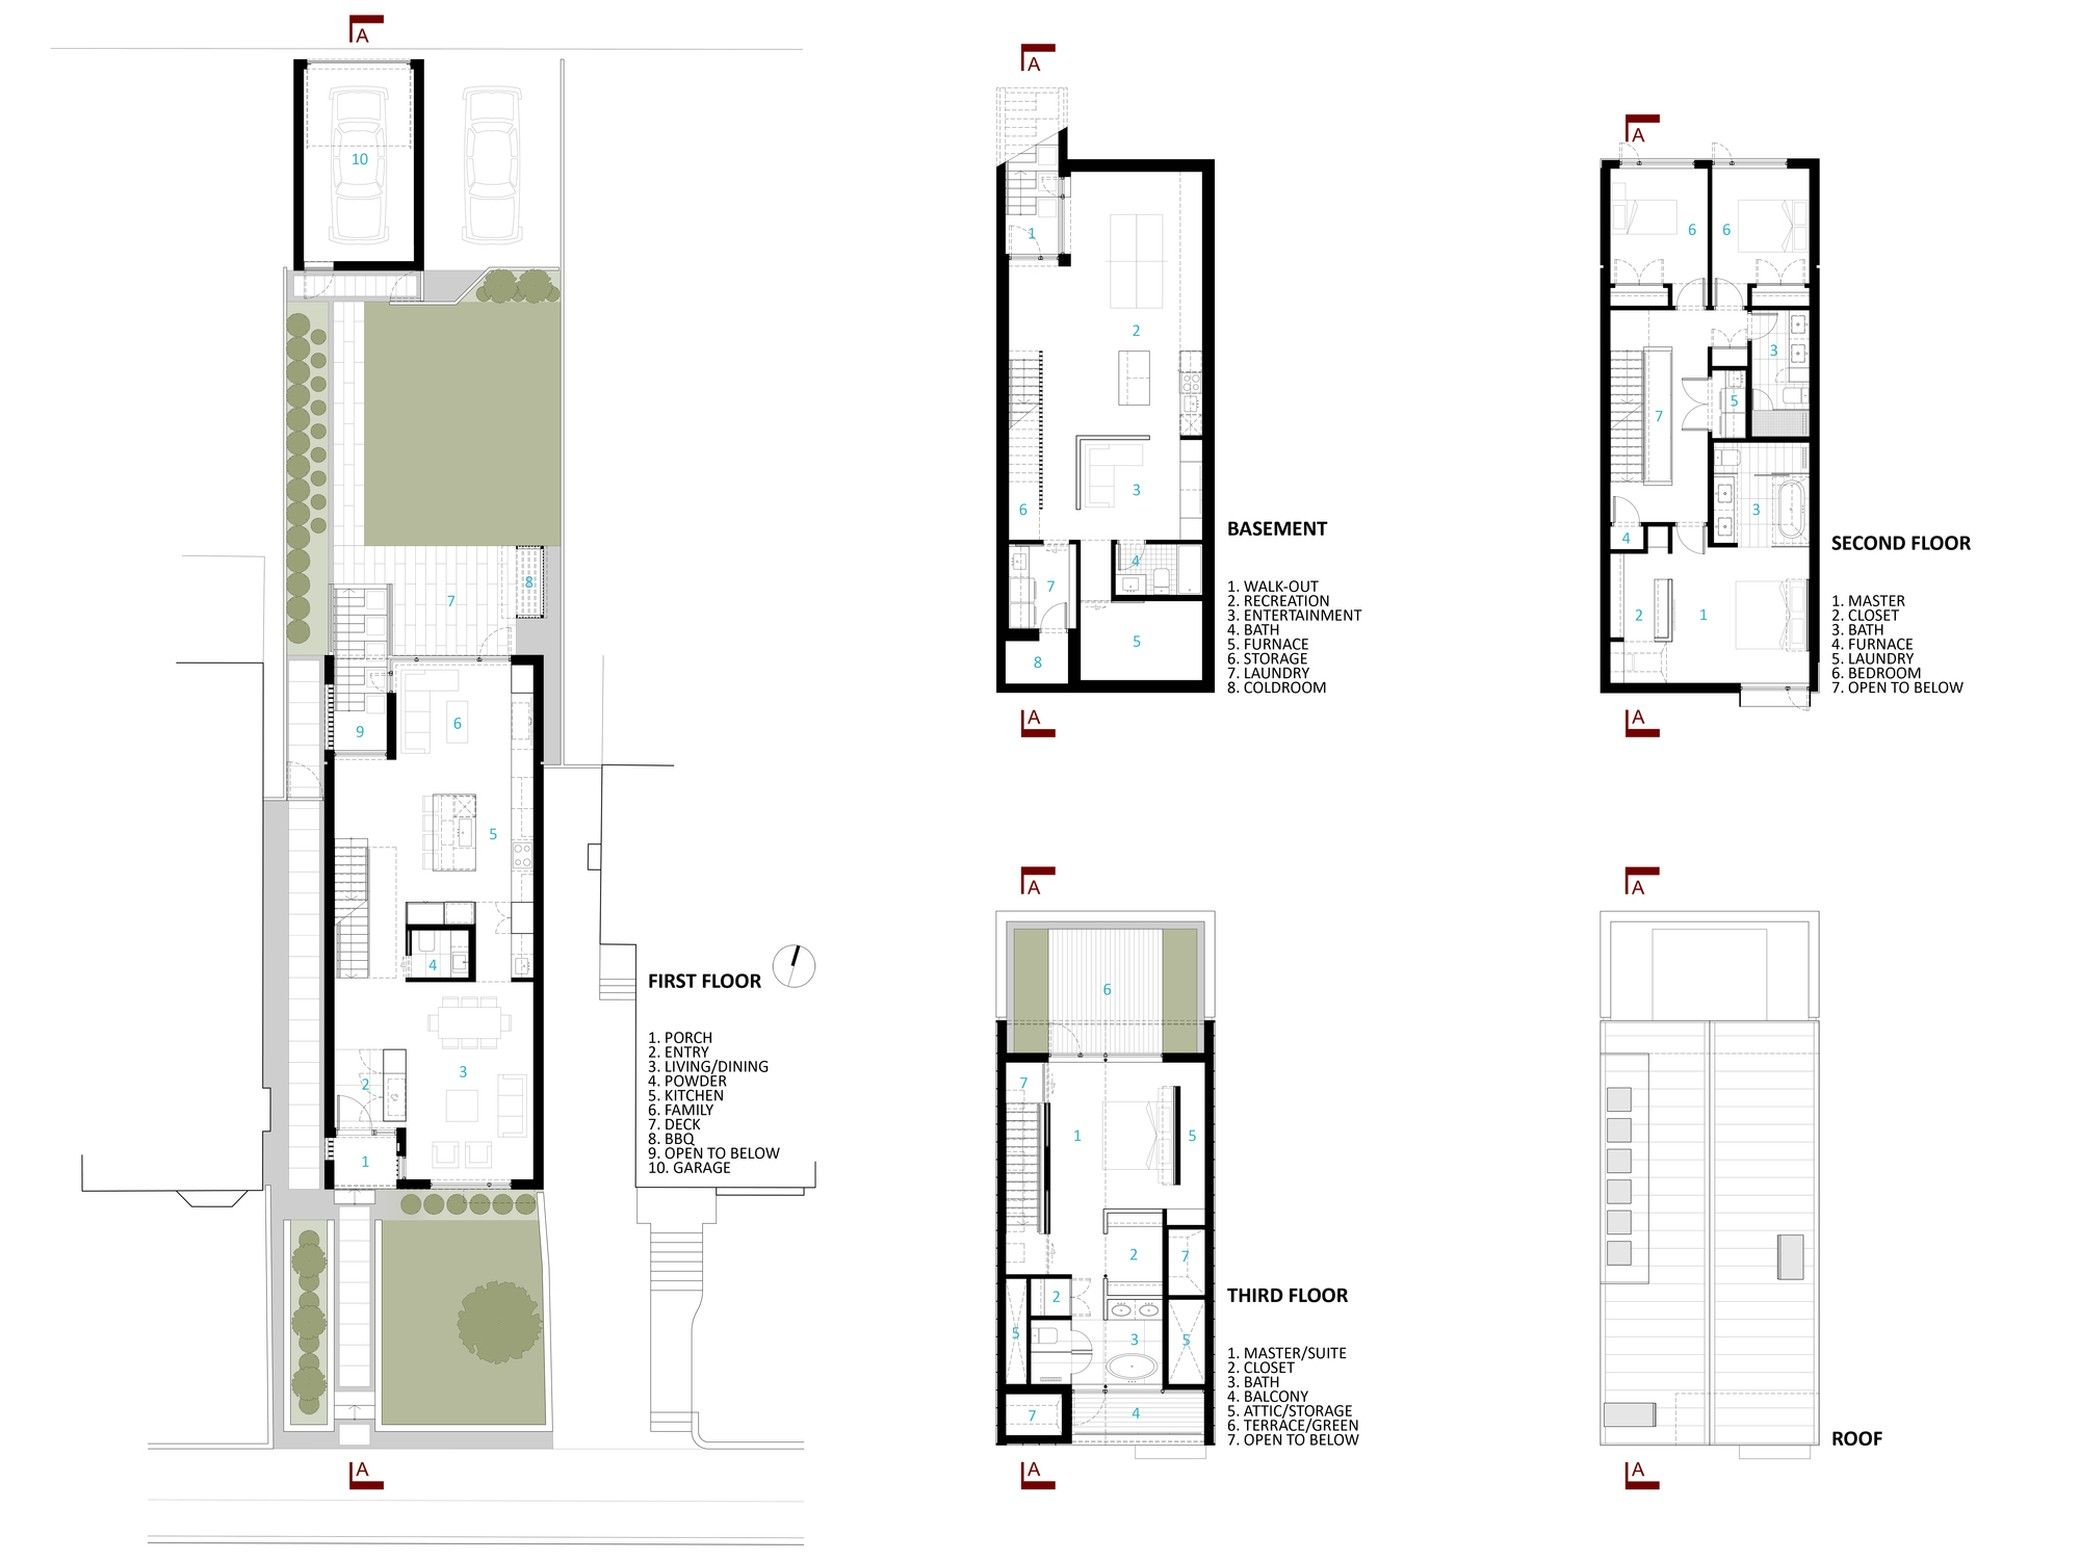 Bedford Park House Mehdi Marzyari Architects Arch2o Com Planos De Casas Arquitectos Plano De Arquitecto